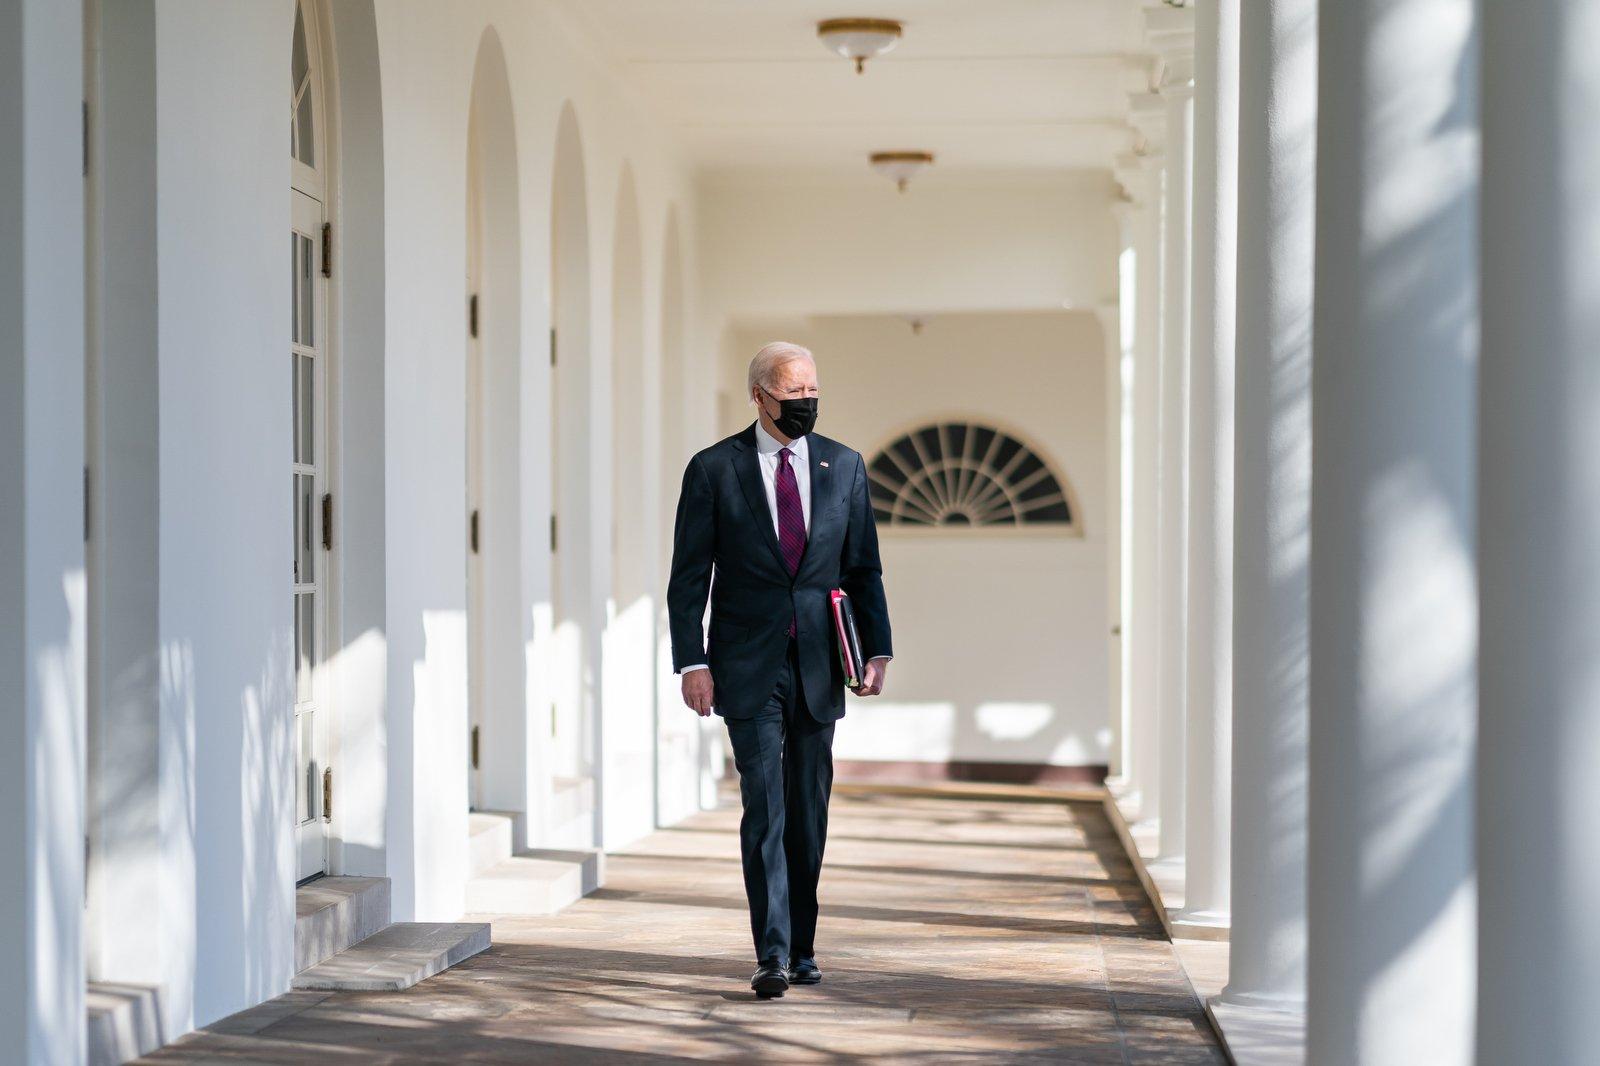 專家分析,拜登團隊對外政策上,看起來是沿用特朗普時期策略,對抑制中共的力道卻略顯不足,尤其在對中政策上,似乎是想在鷹派、鴿派間取得平衡,此舉是否真能達到維護美國自身安全與利益,還有待商榷。(白宮Flickr)